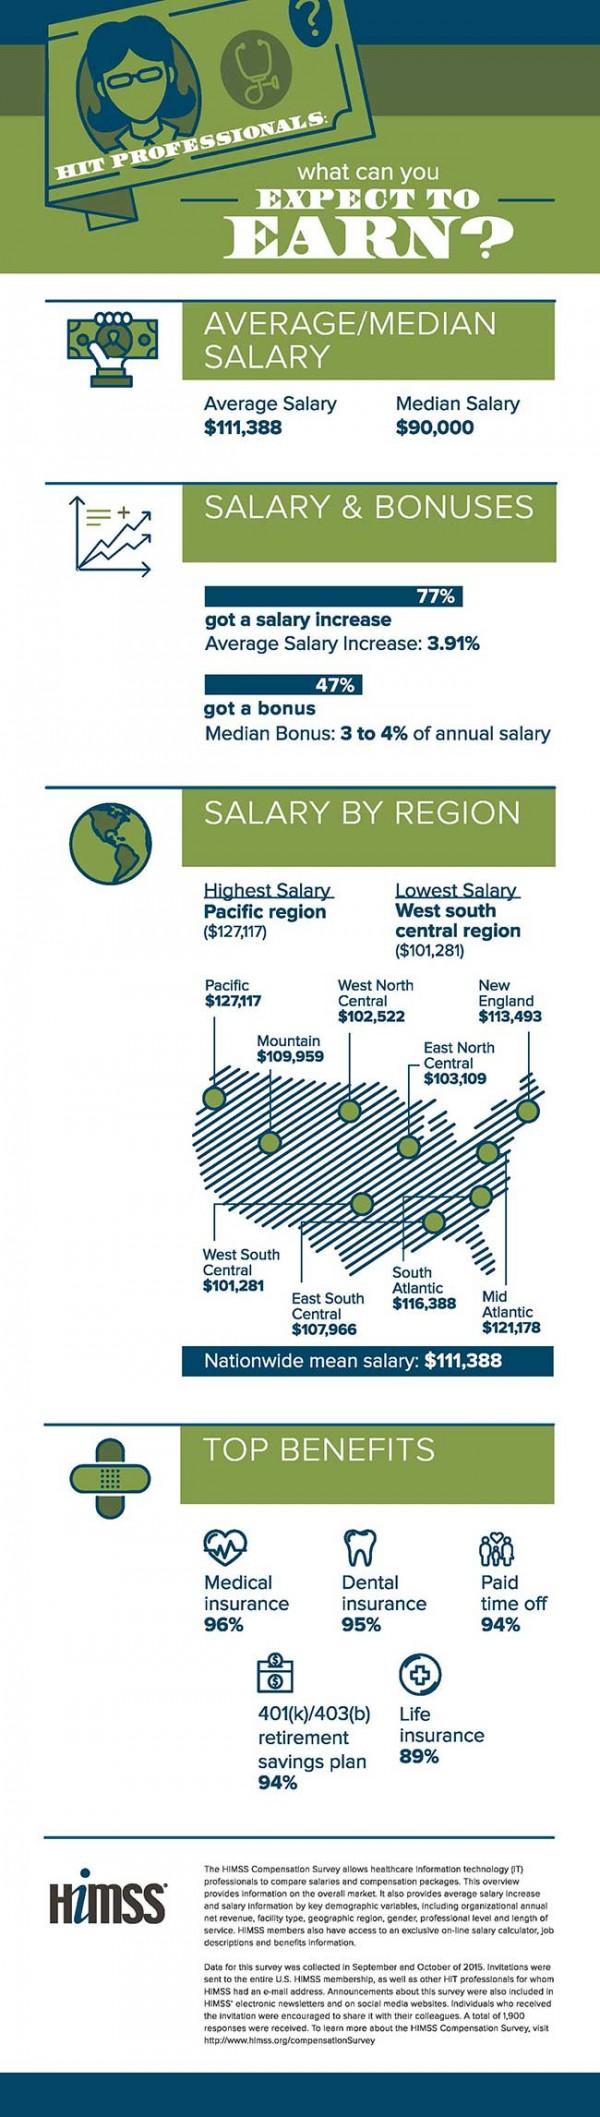 himss-compensation-survey-infographic-600x2117